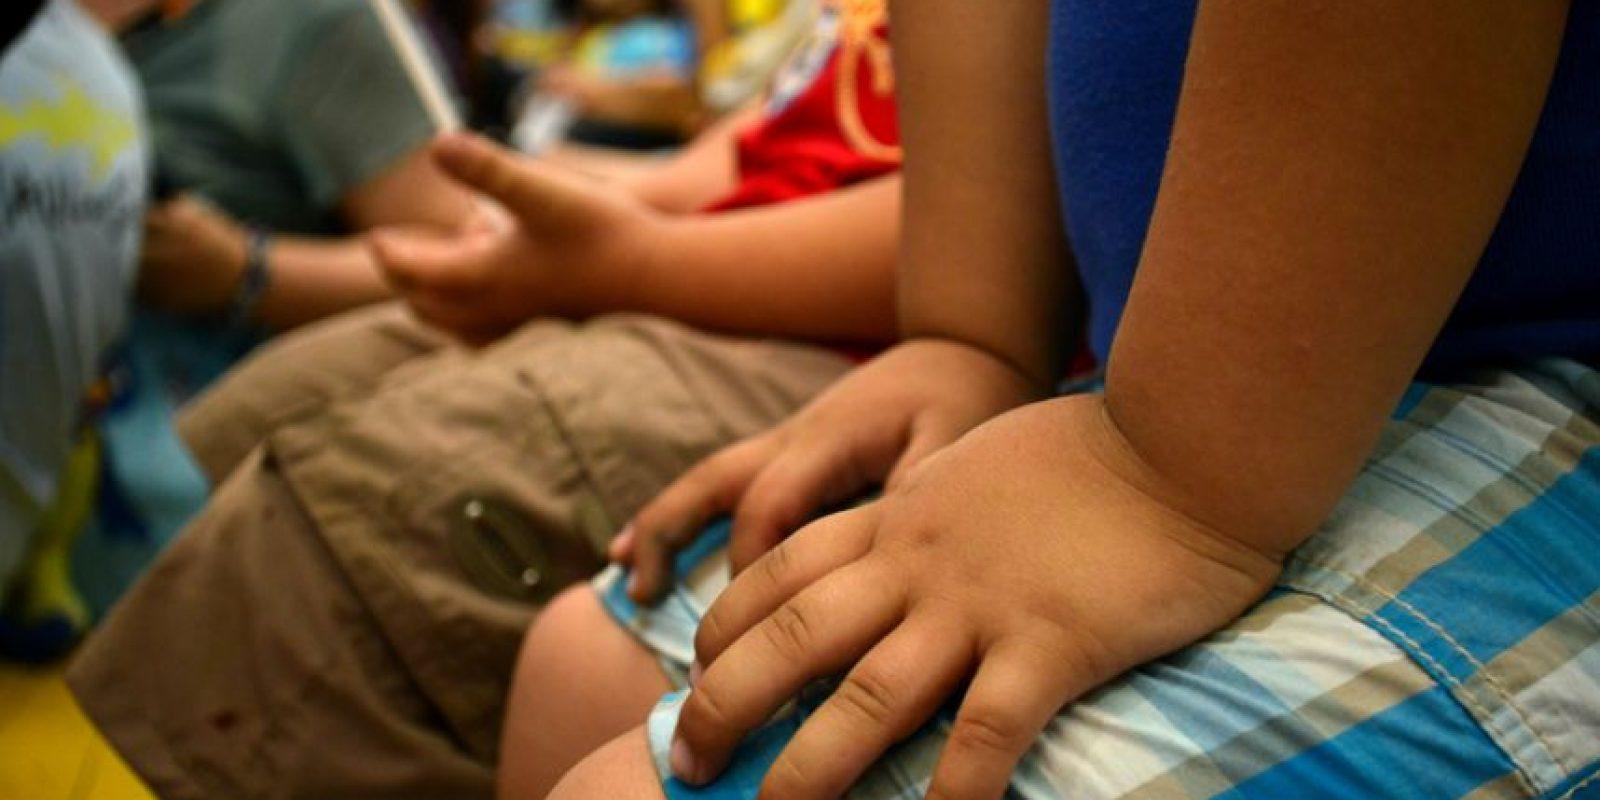 Puede existir violencia sexual entre miembros de una misma familia y personas de confianza, y entre conocidos y extraños. Foto:Flickr.com